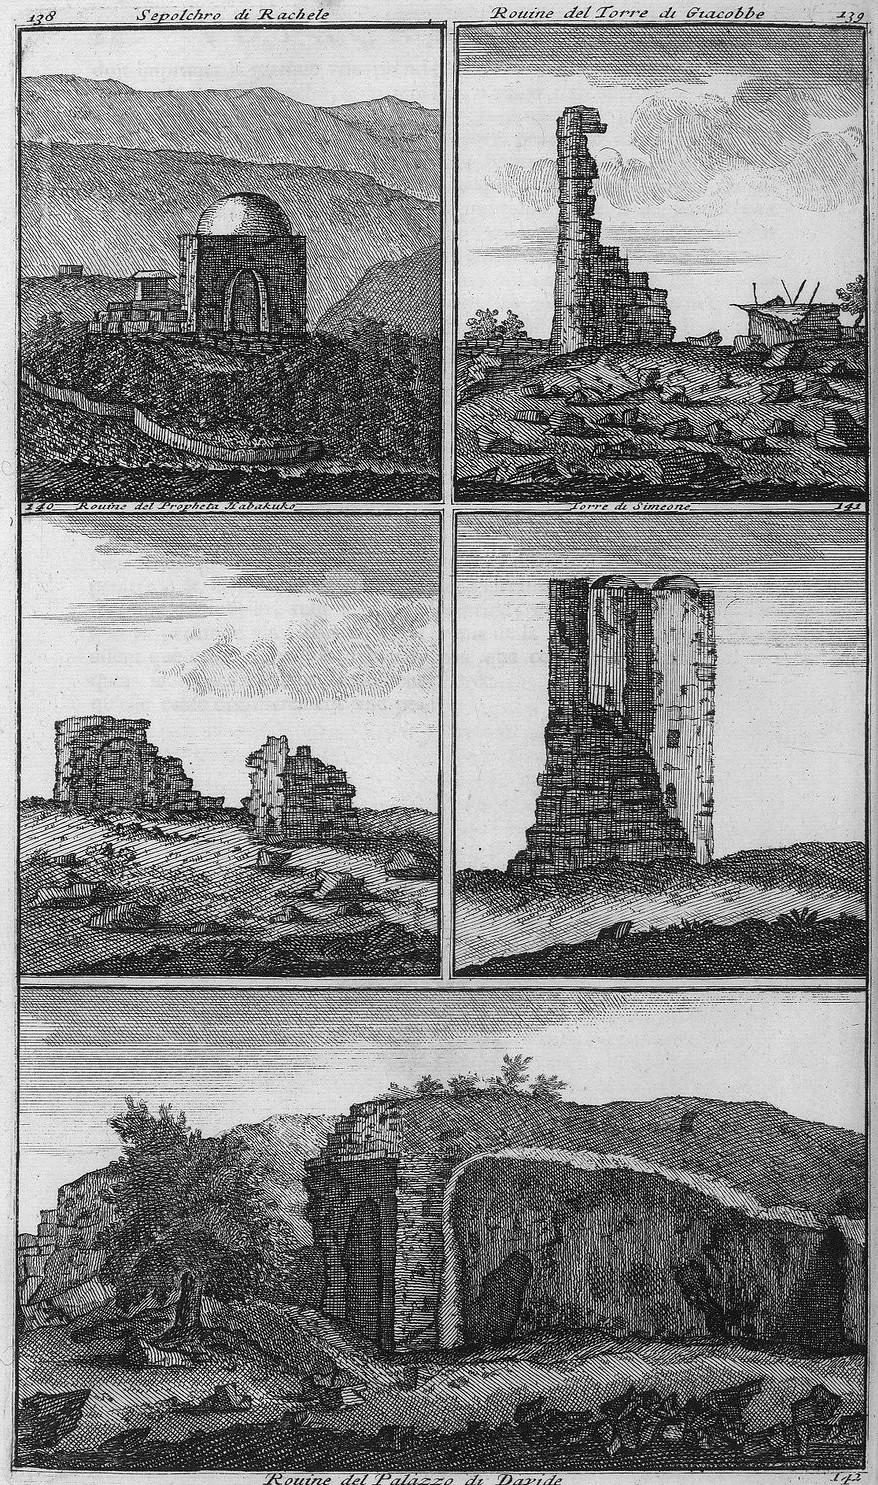 Путешествие из Вифлиема в Иерусалим. Гробница Рахель. Руины дворца Давида. Руины башни Иакова